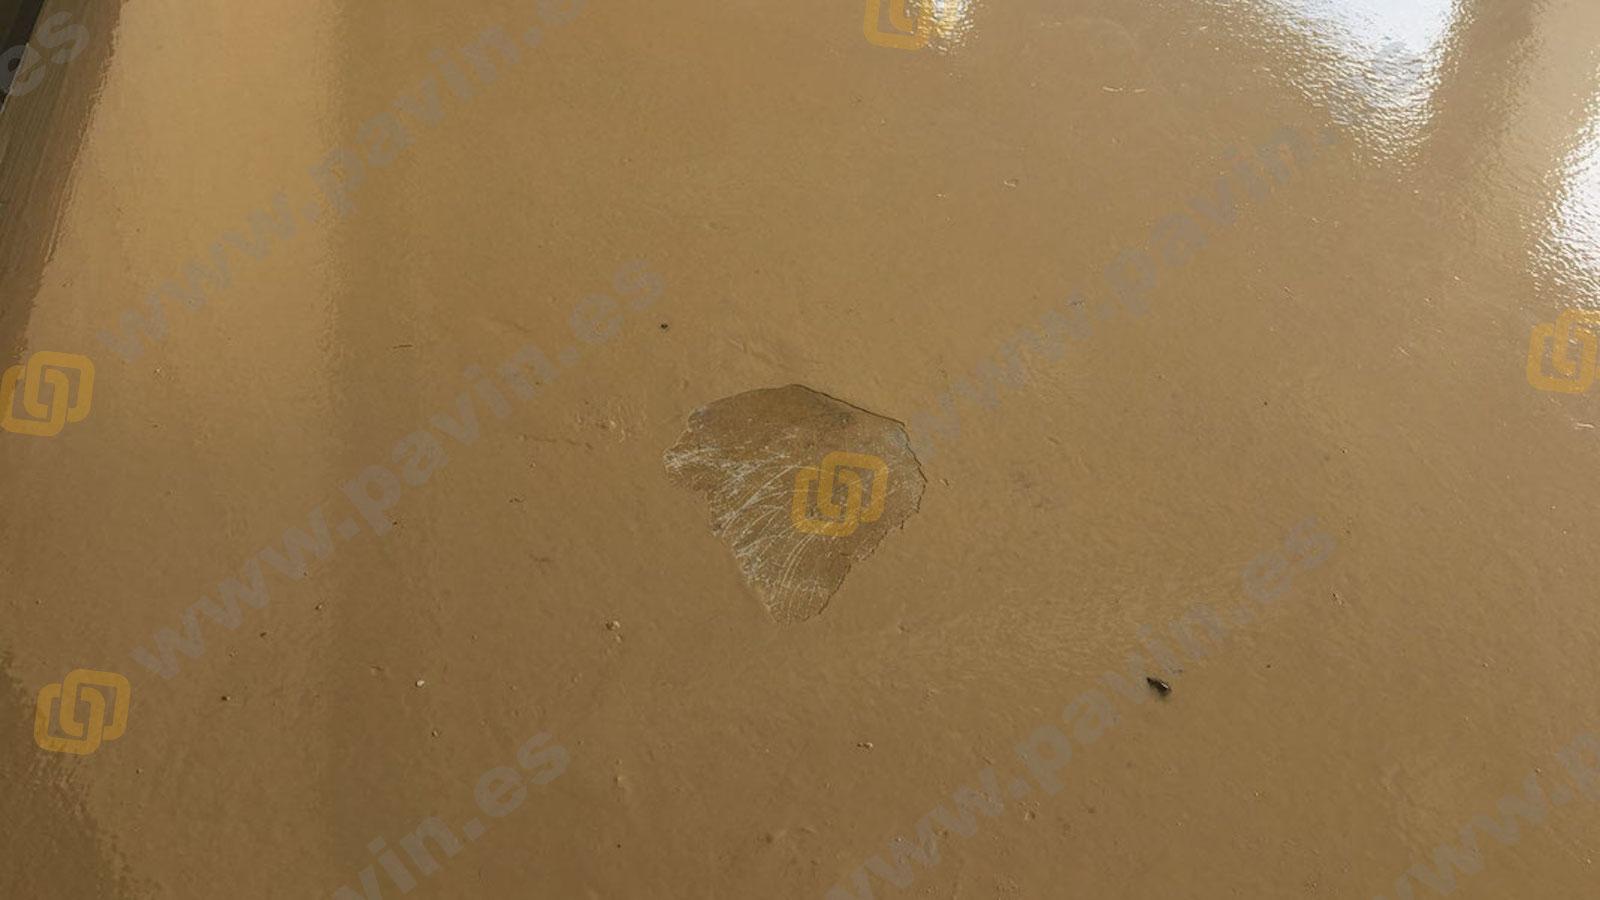 Pavitecnik,pavimentos,suelos,industriales,epoxi,presión,hidrostática,tolerancia,humedad